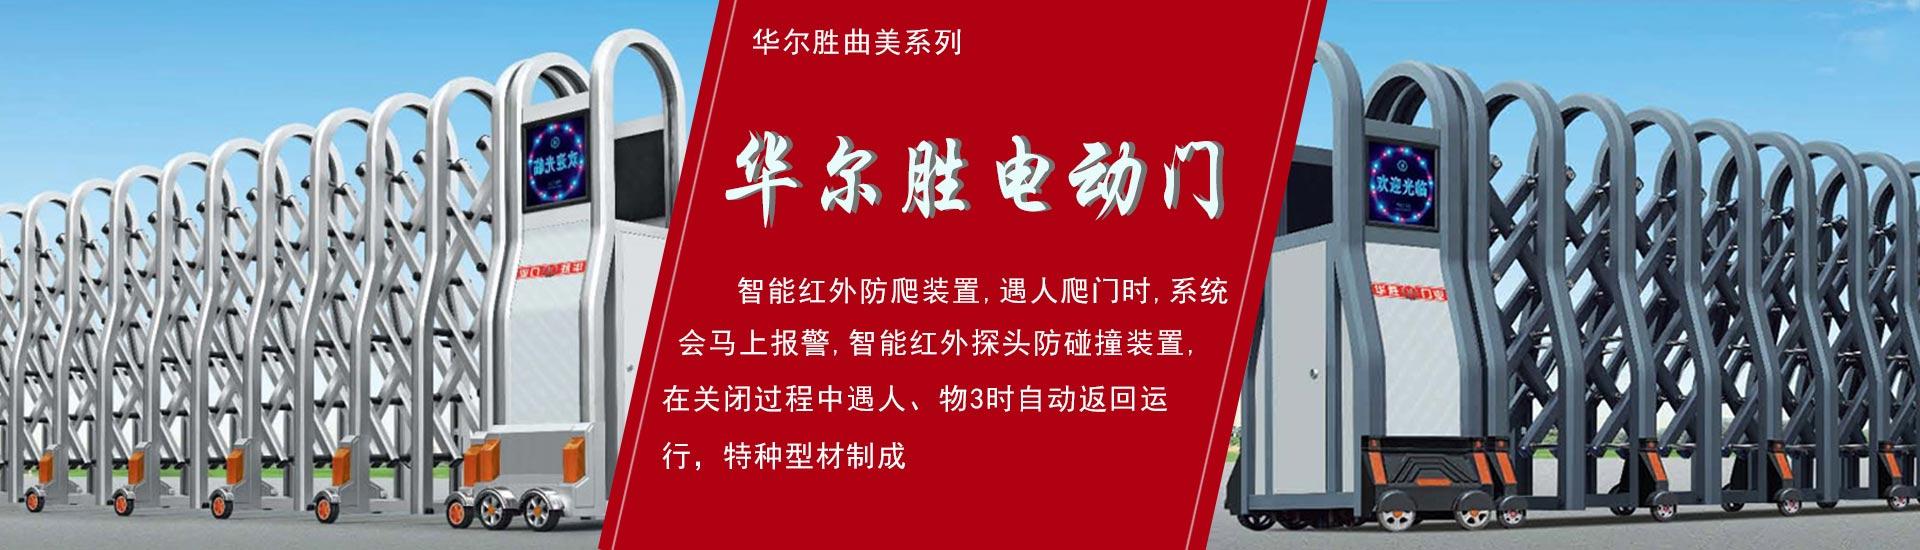 yan硄ian氲河槔謒en业有限公司